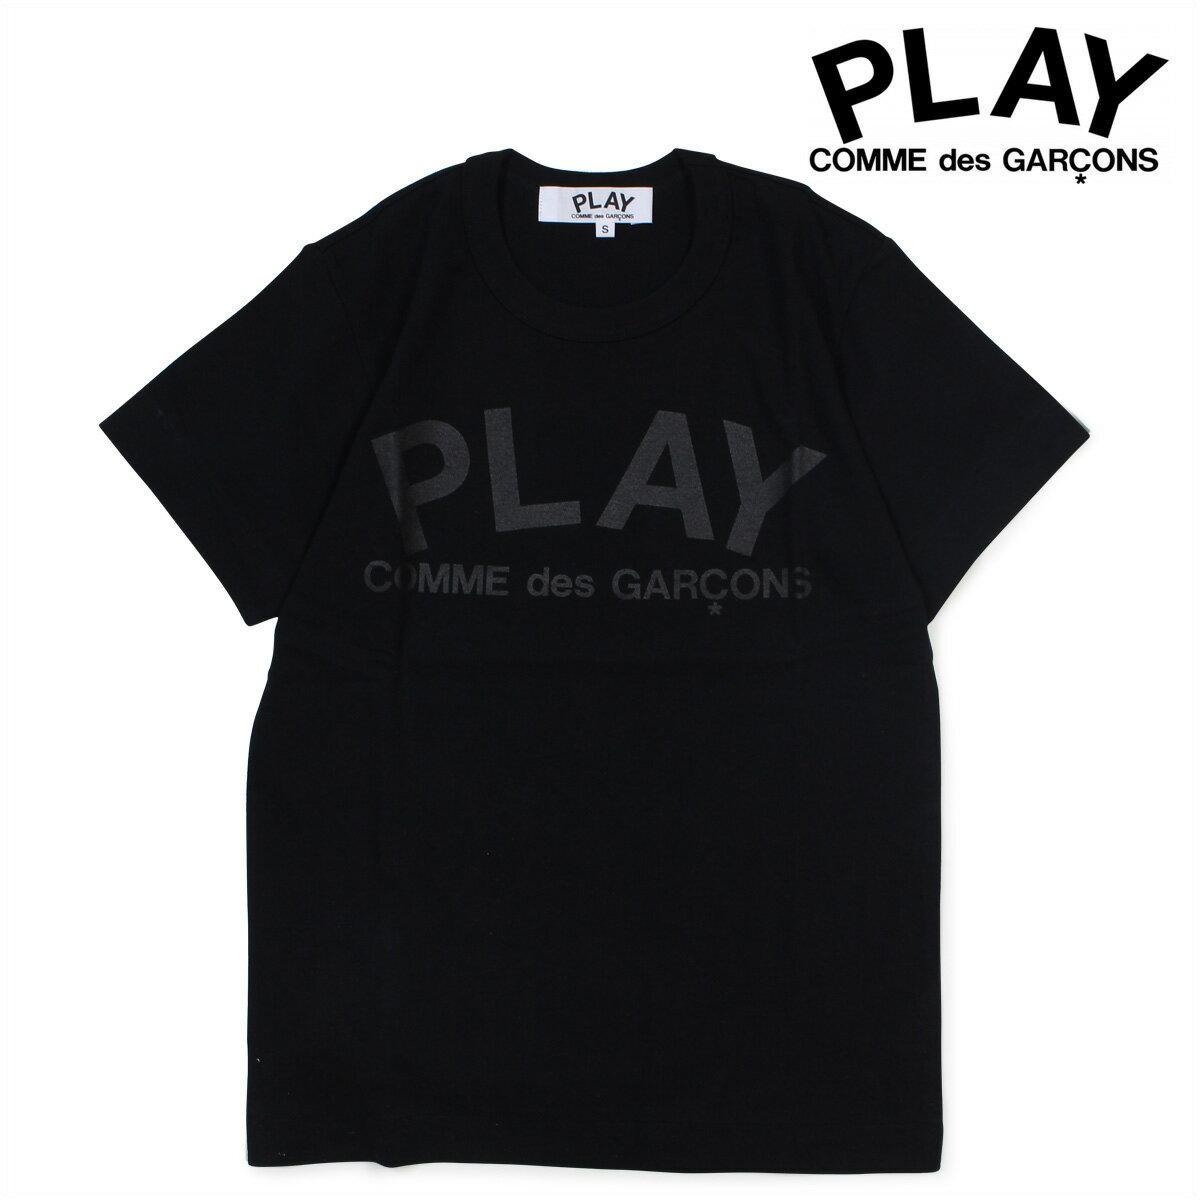 【ポイント最大29倍 お買い物マラソン】 COMME des GARCONS PLAY Tシャツ 半袖 コムデギャルソン レディース PLAY T-SHIRT AZ-T187 ブラック